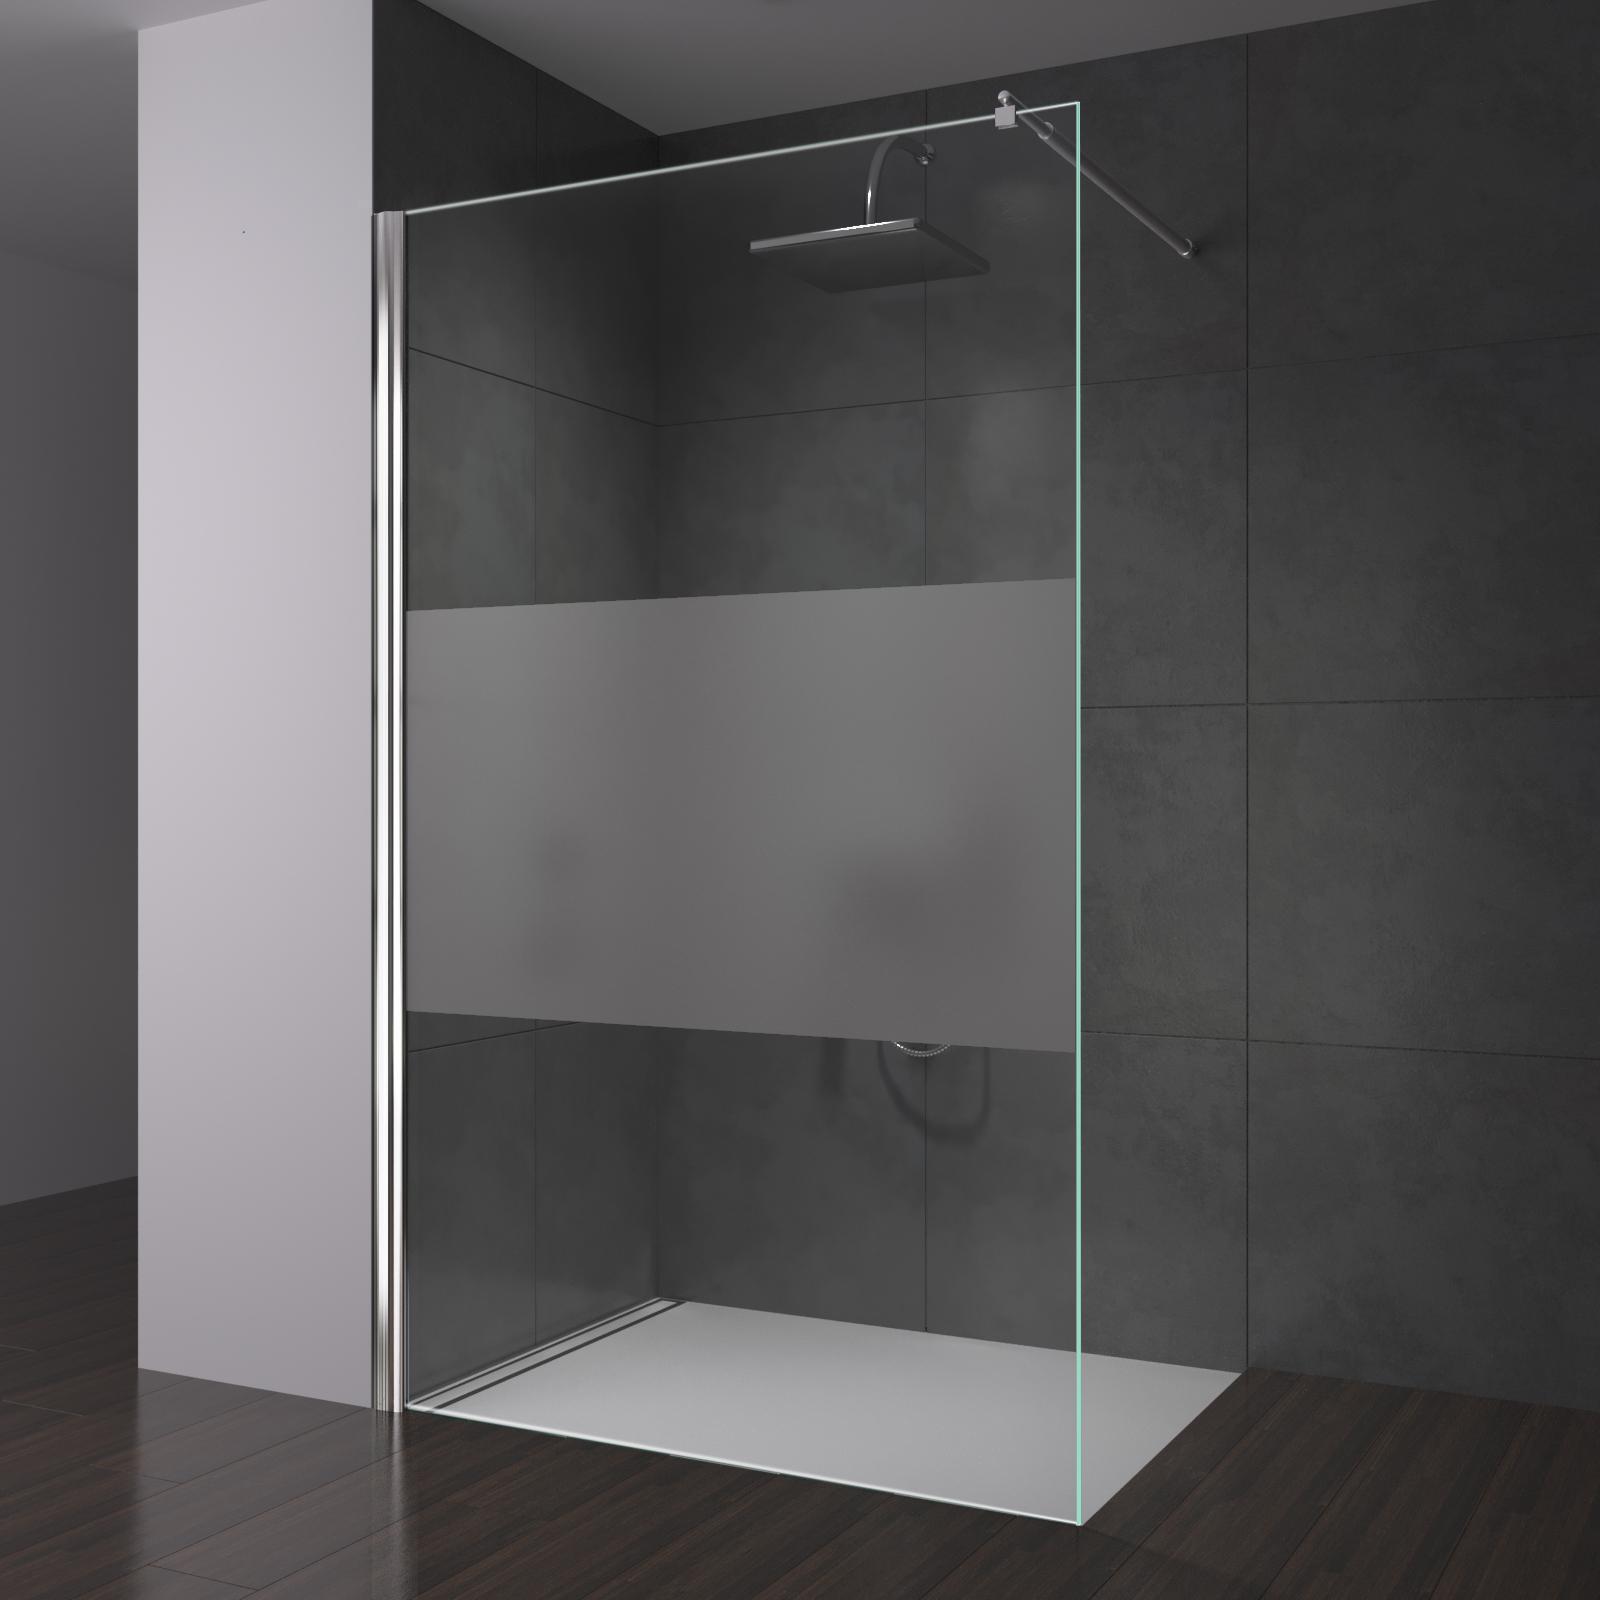 Full Size of Duschwand Glas Trennwand Duschabtrennung Fr Begehbare Dusche Pendeltür 90x90 Bodenebene Glastrennwand Wand Ebenerdige Kosten Unterputz Kaufen Schiebetür Dusche Glasabtrennung Dusche